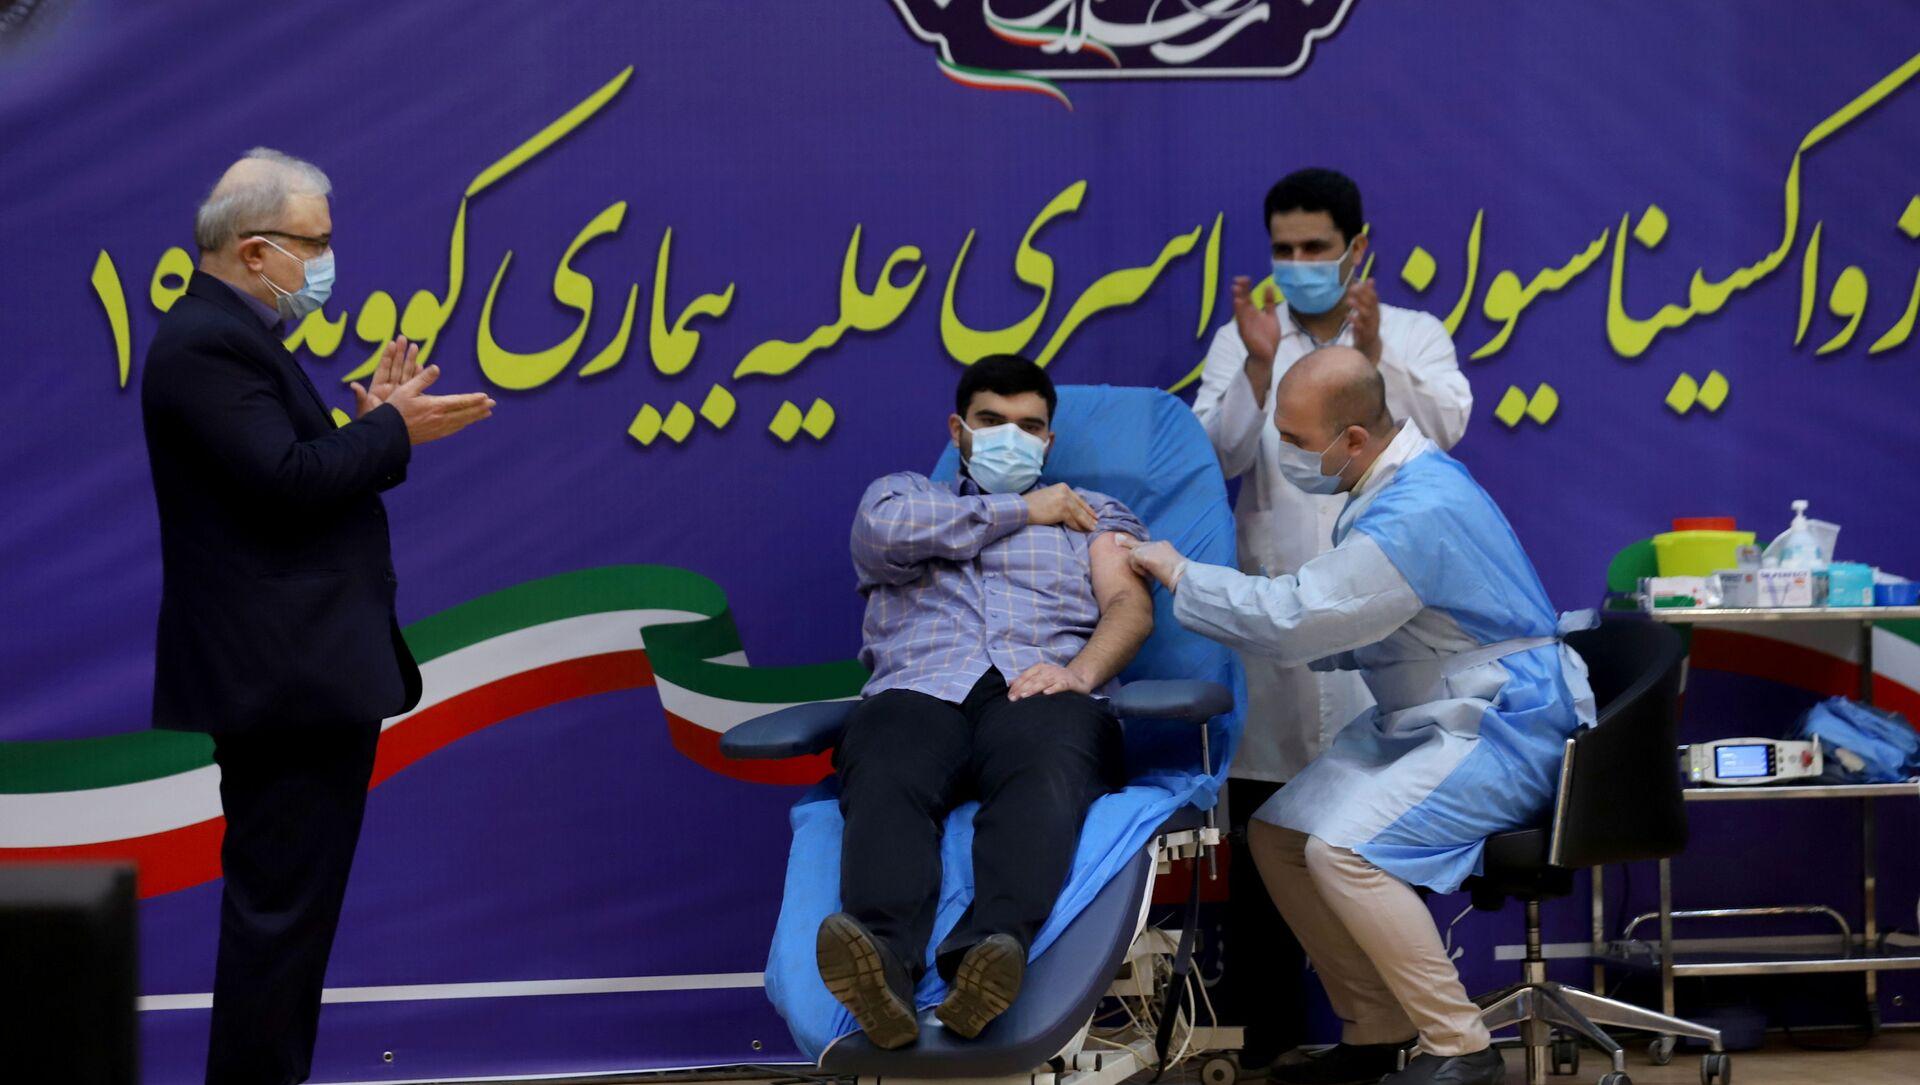 Syn ministra zdravotnictví Íránu během vakcinace - Sputnik Česká republika, 1920, 09.02.2021